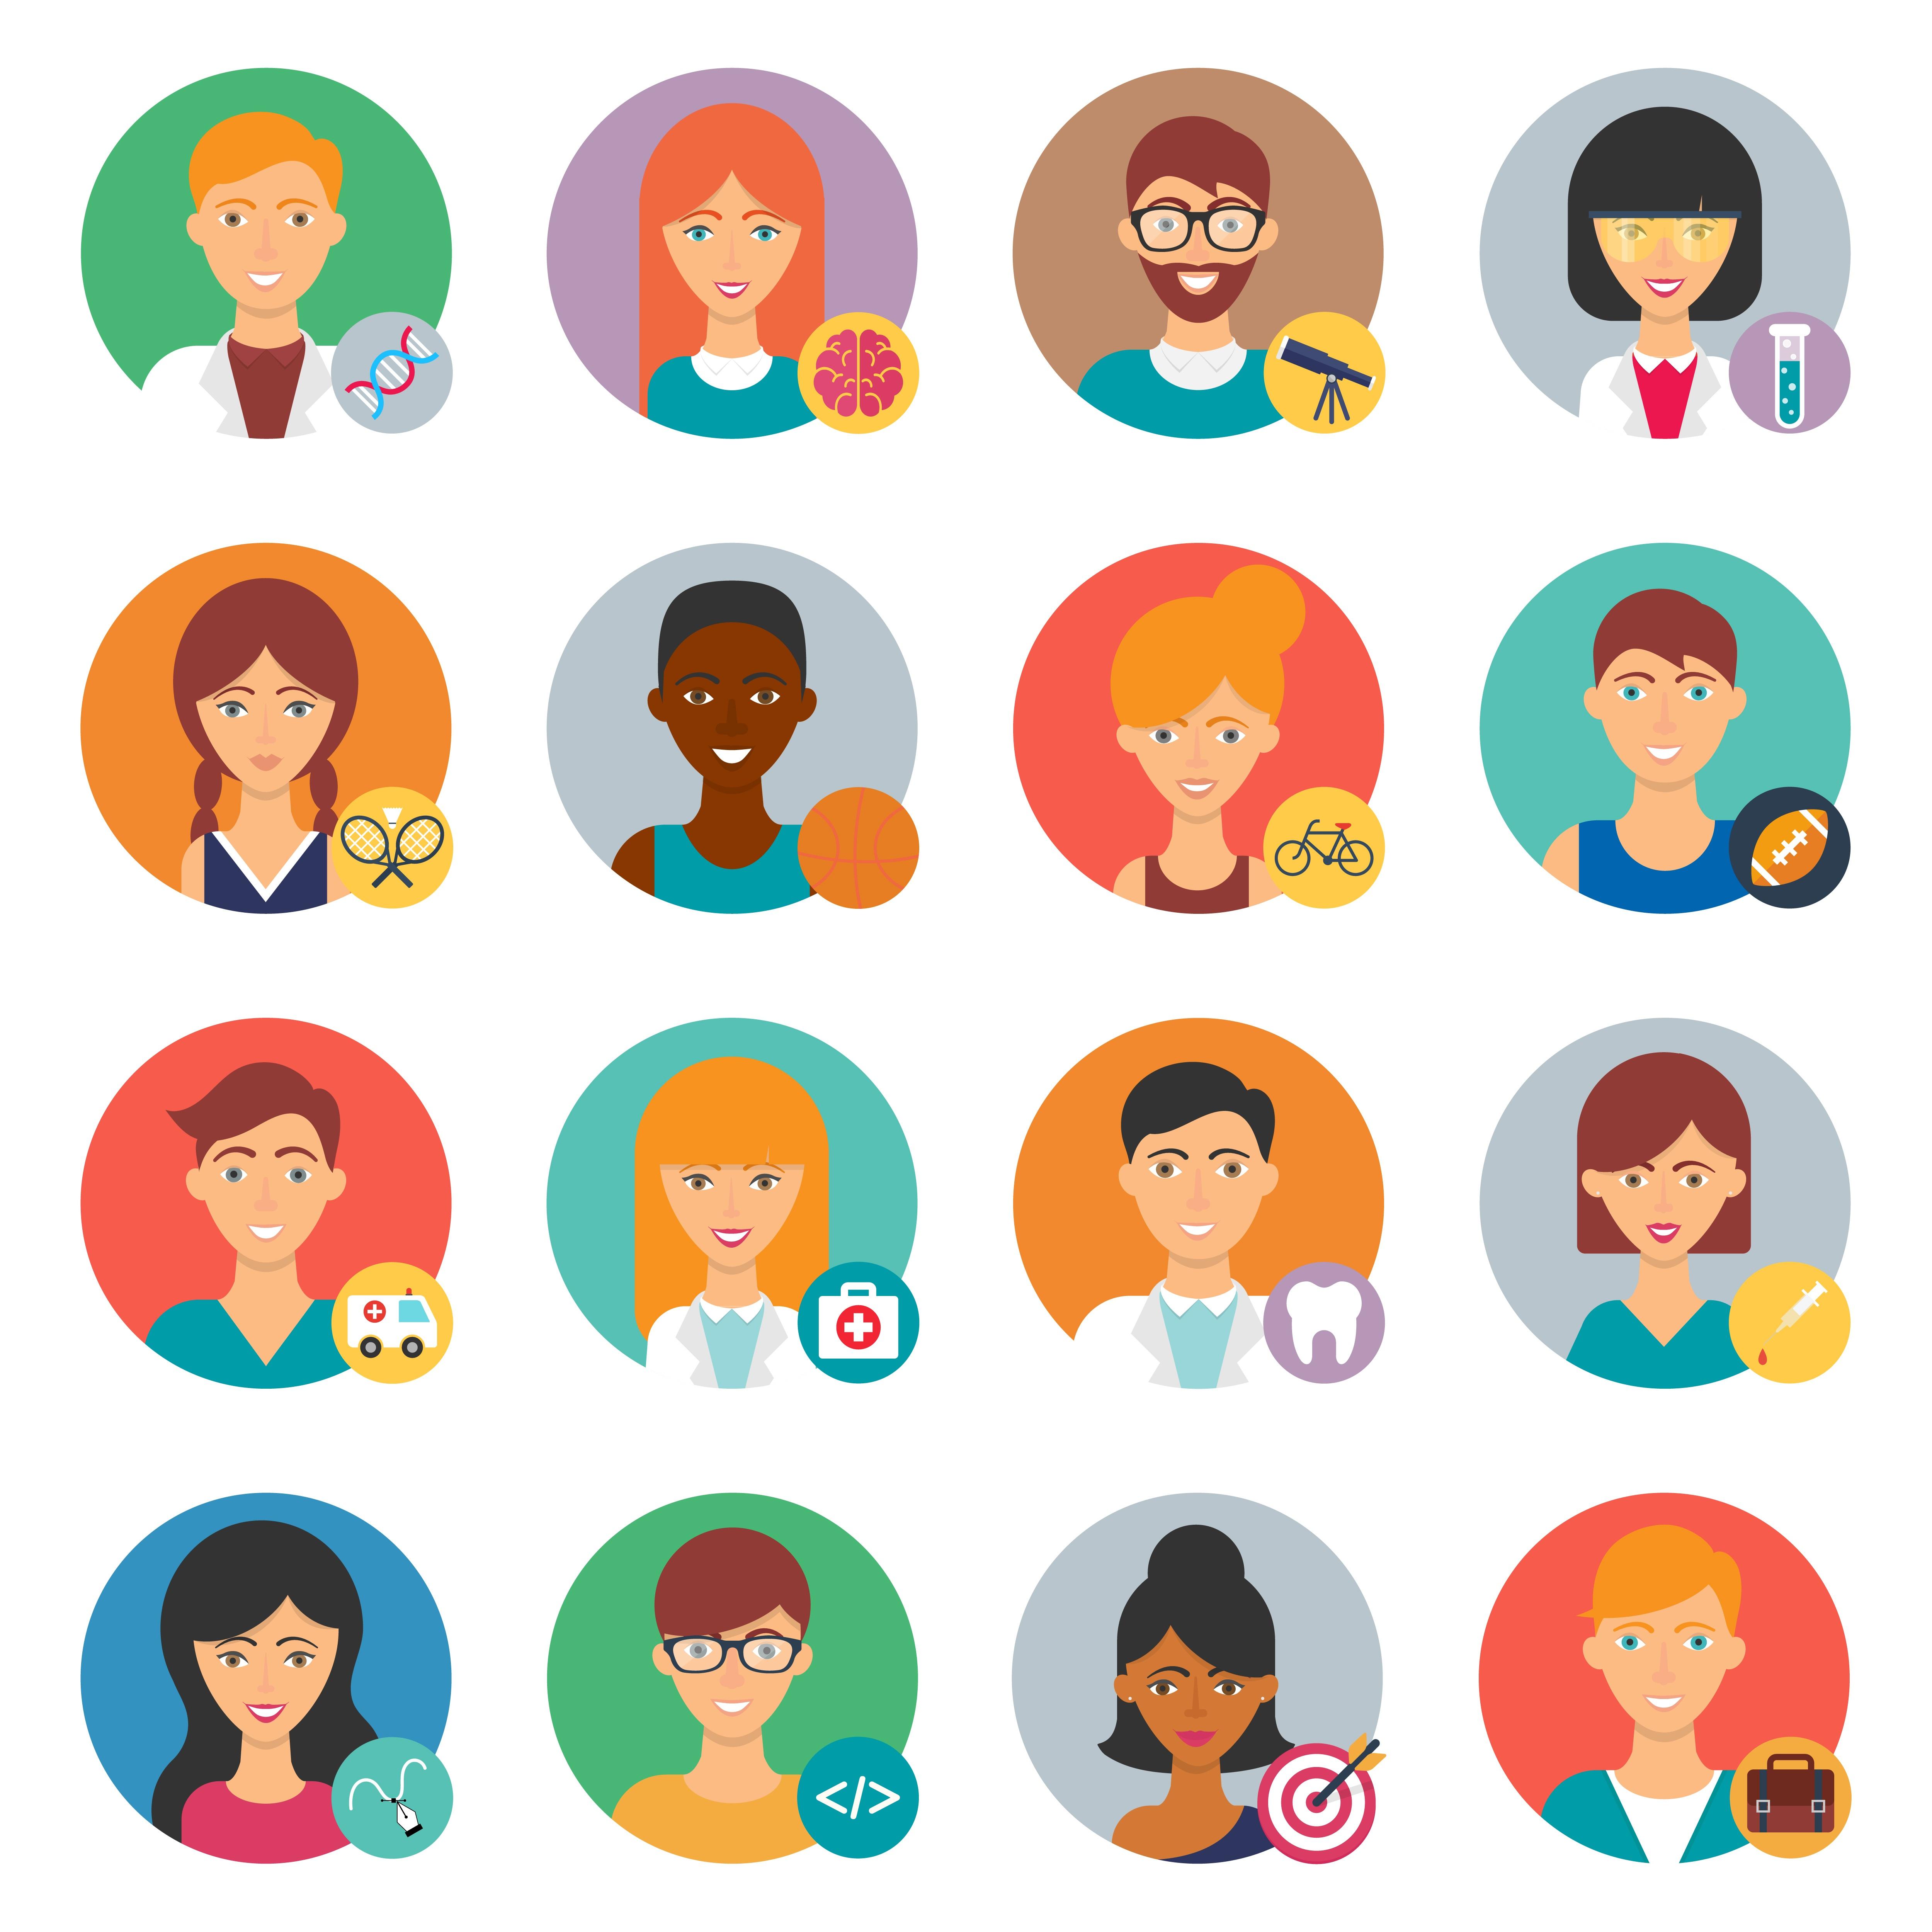 5_vantagens_em_criar_personas_para_o_seu_e-commerce.jpg